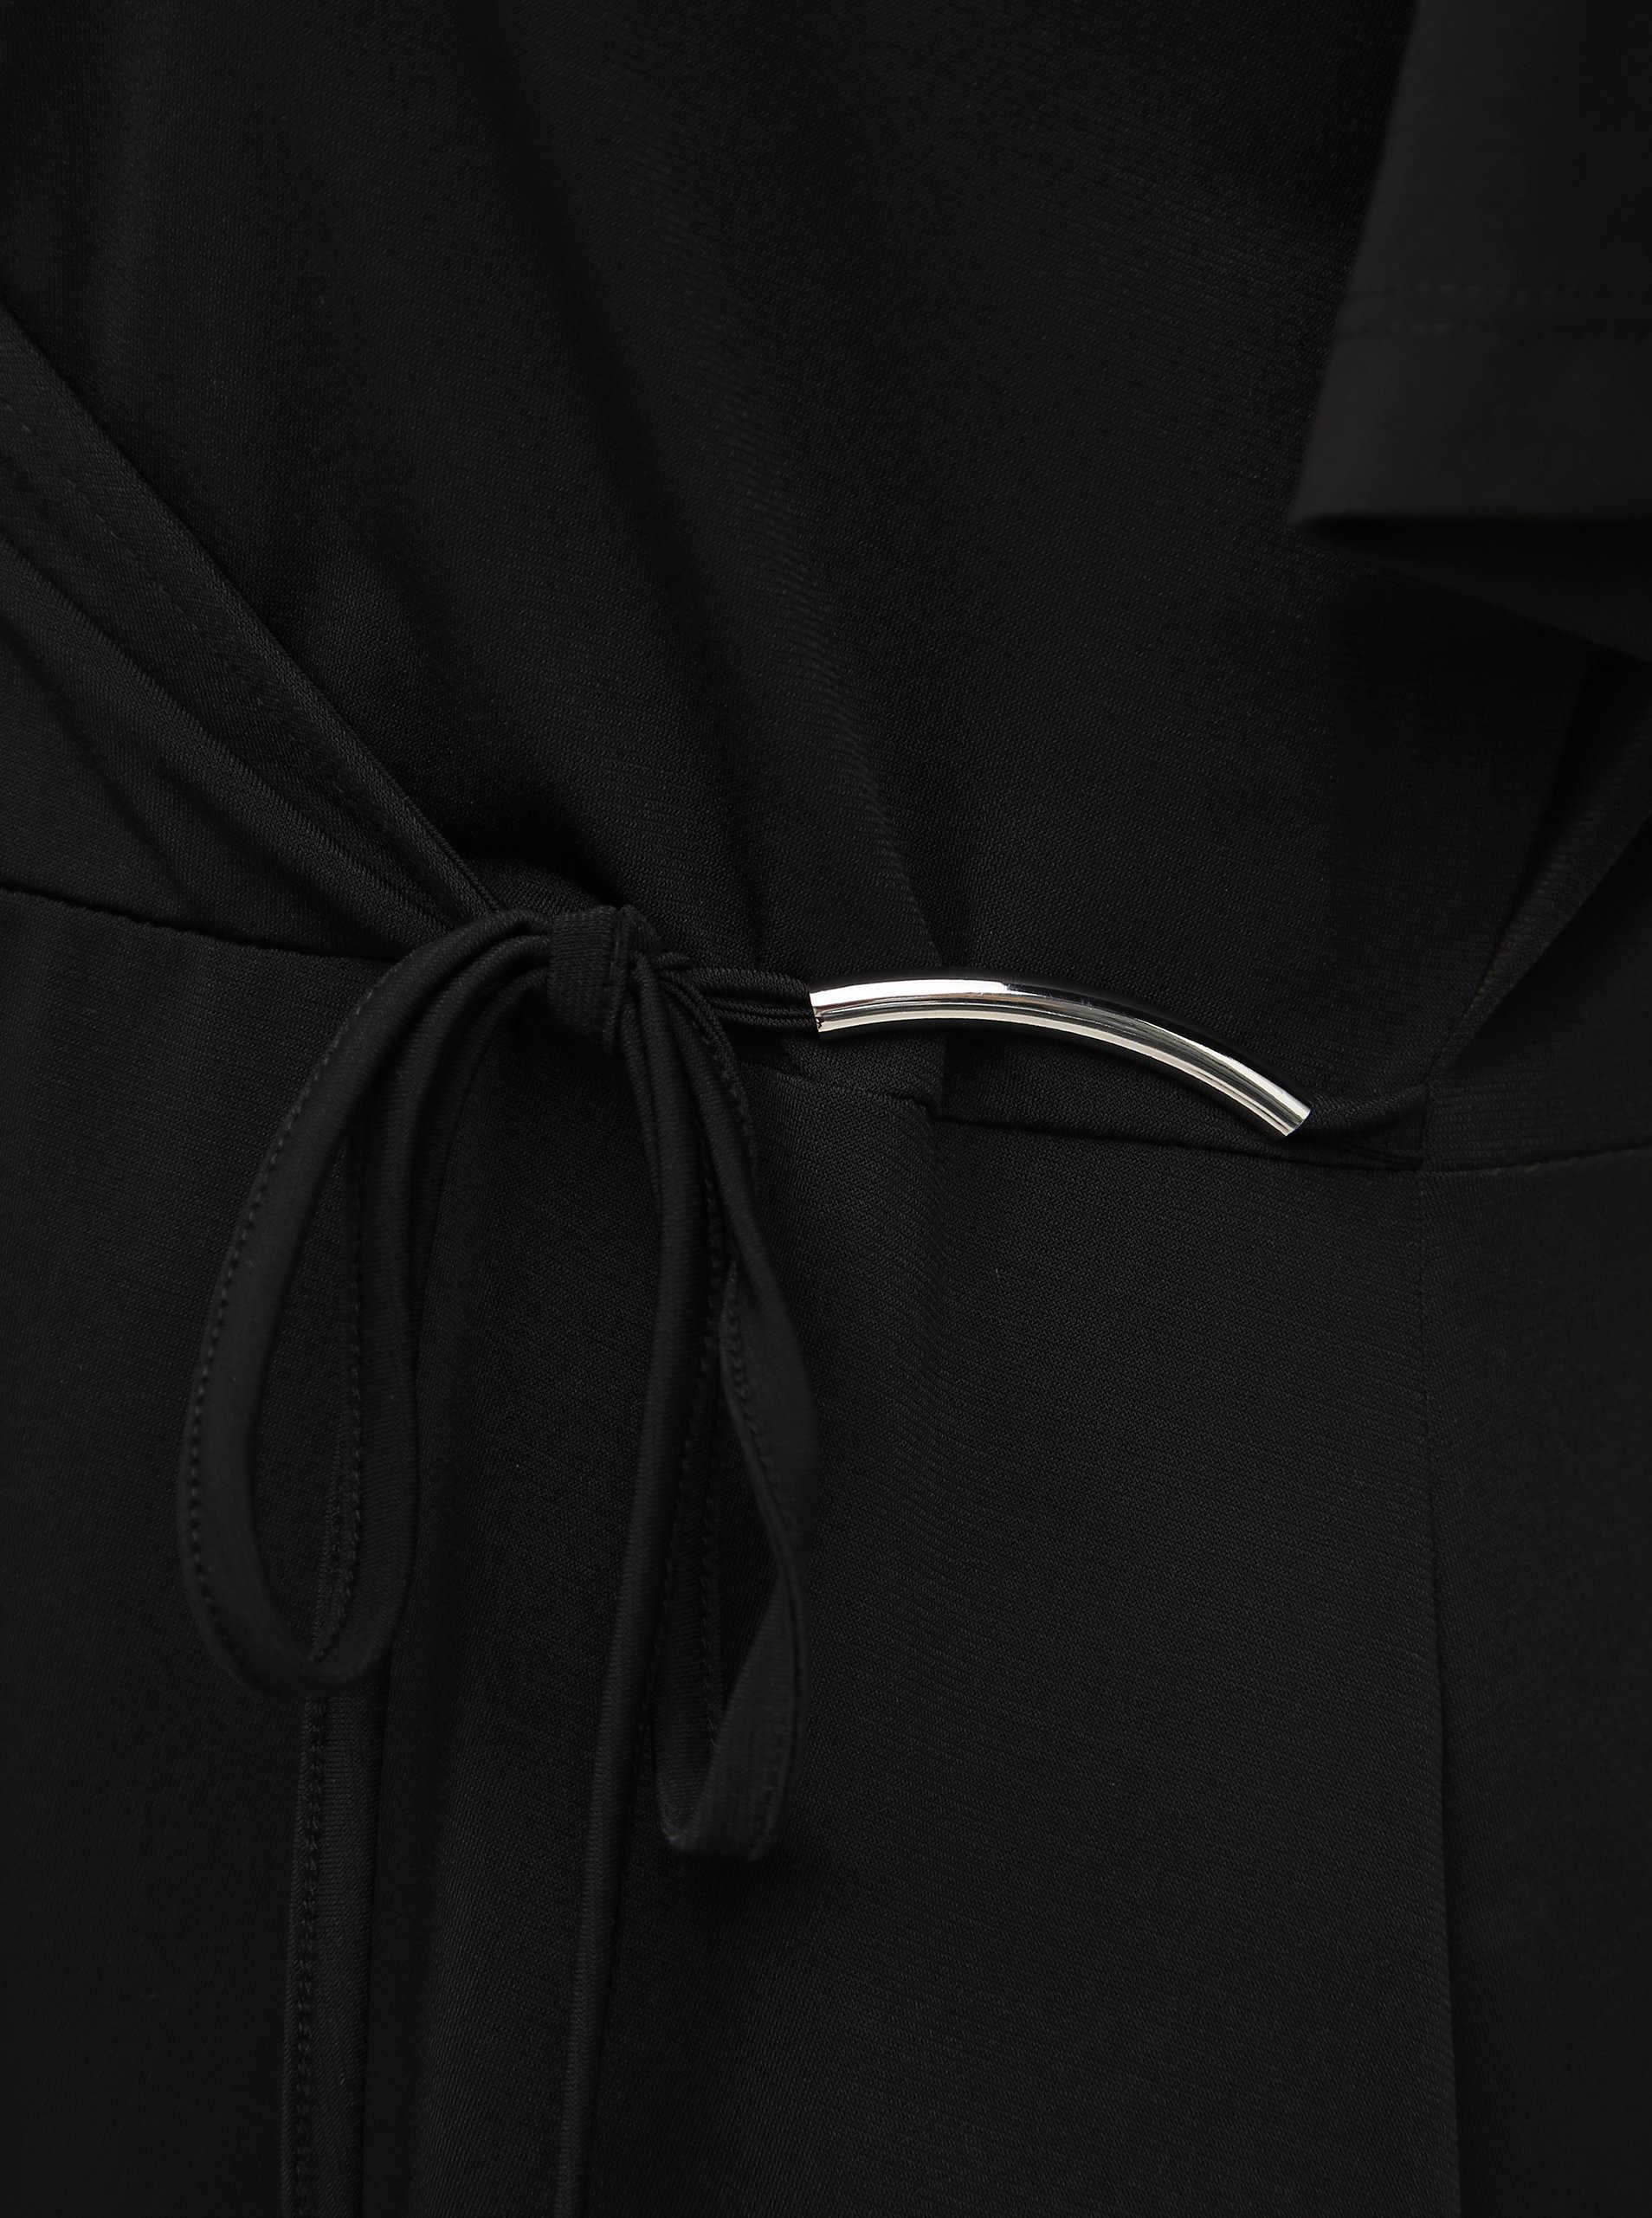 Černé šaty s překladem zakončeným ozdobnou sponkou